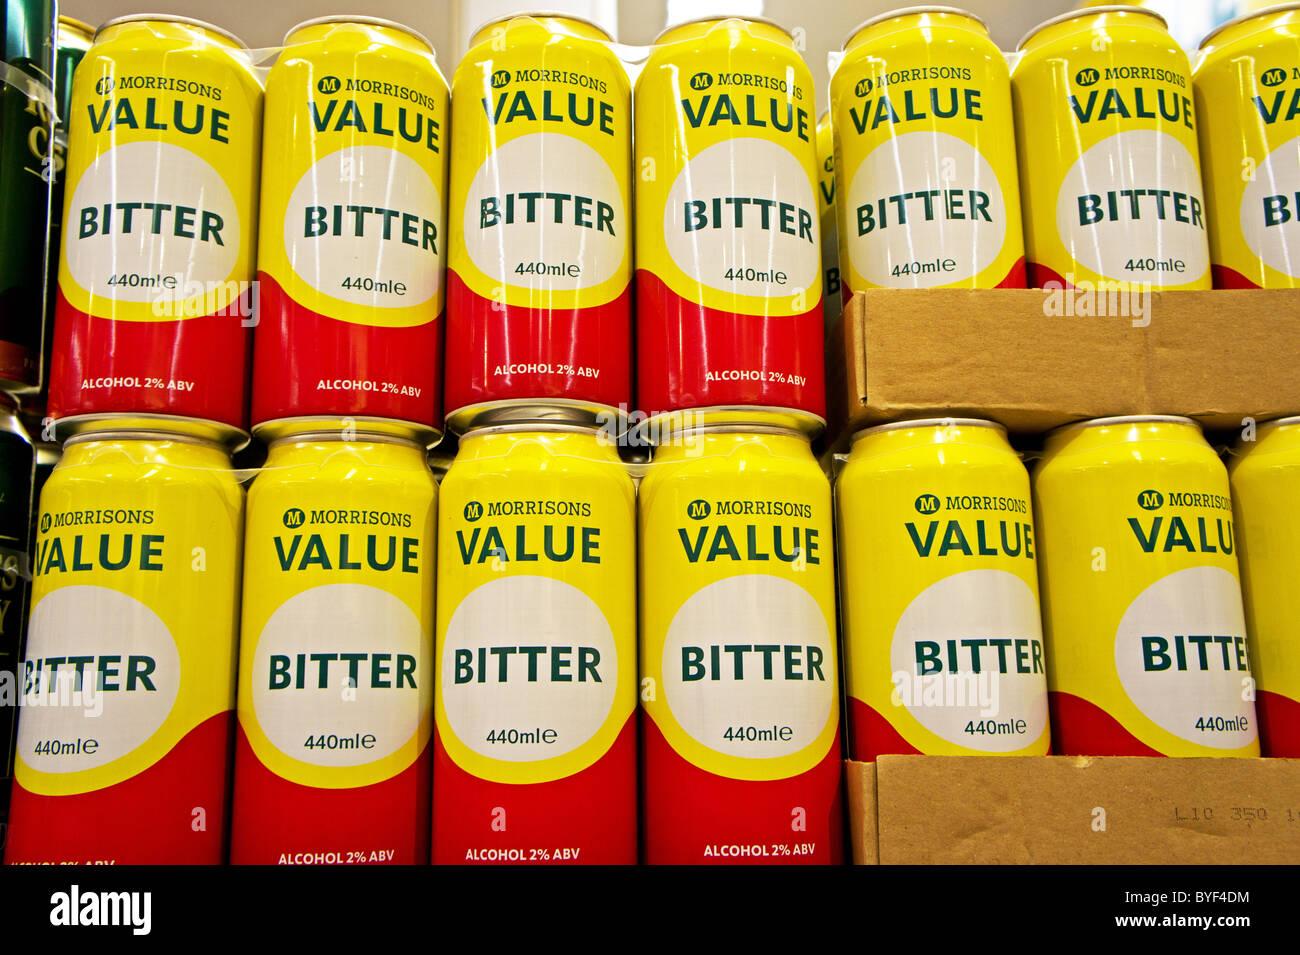 Billige Dosen Lager billige Dosen Bier in einem Safeway-Supermarkt, Uk Stockbild